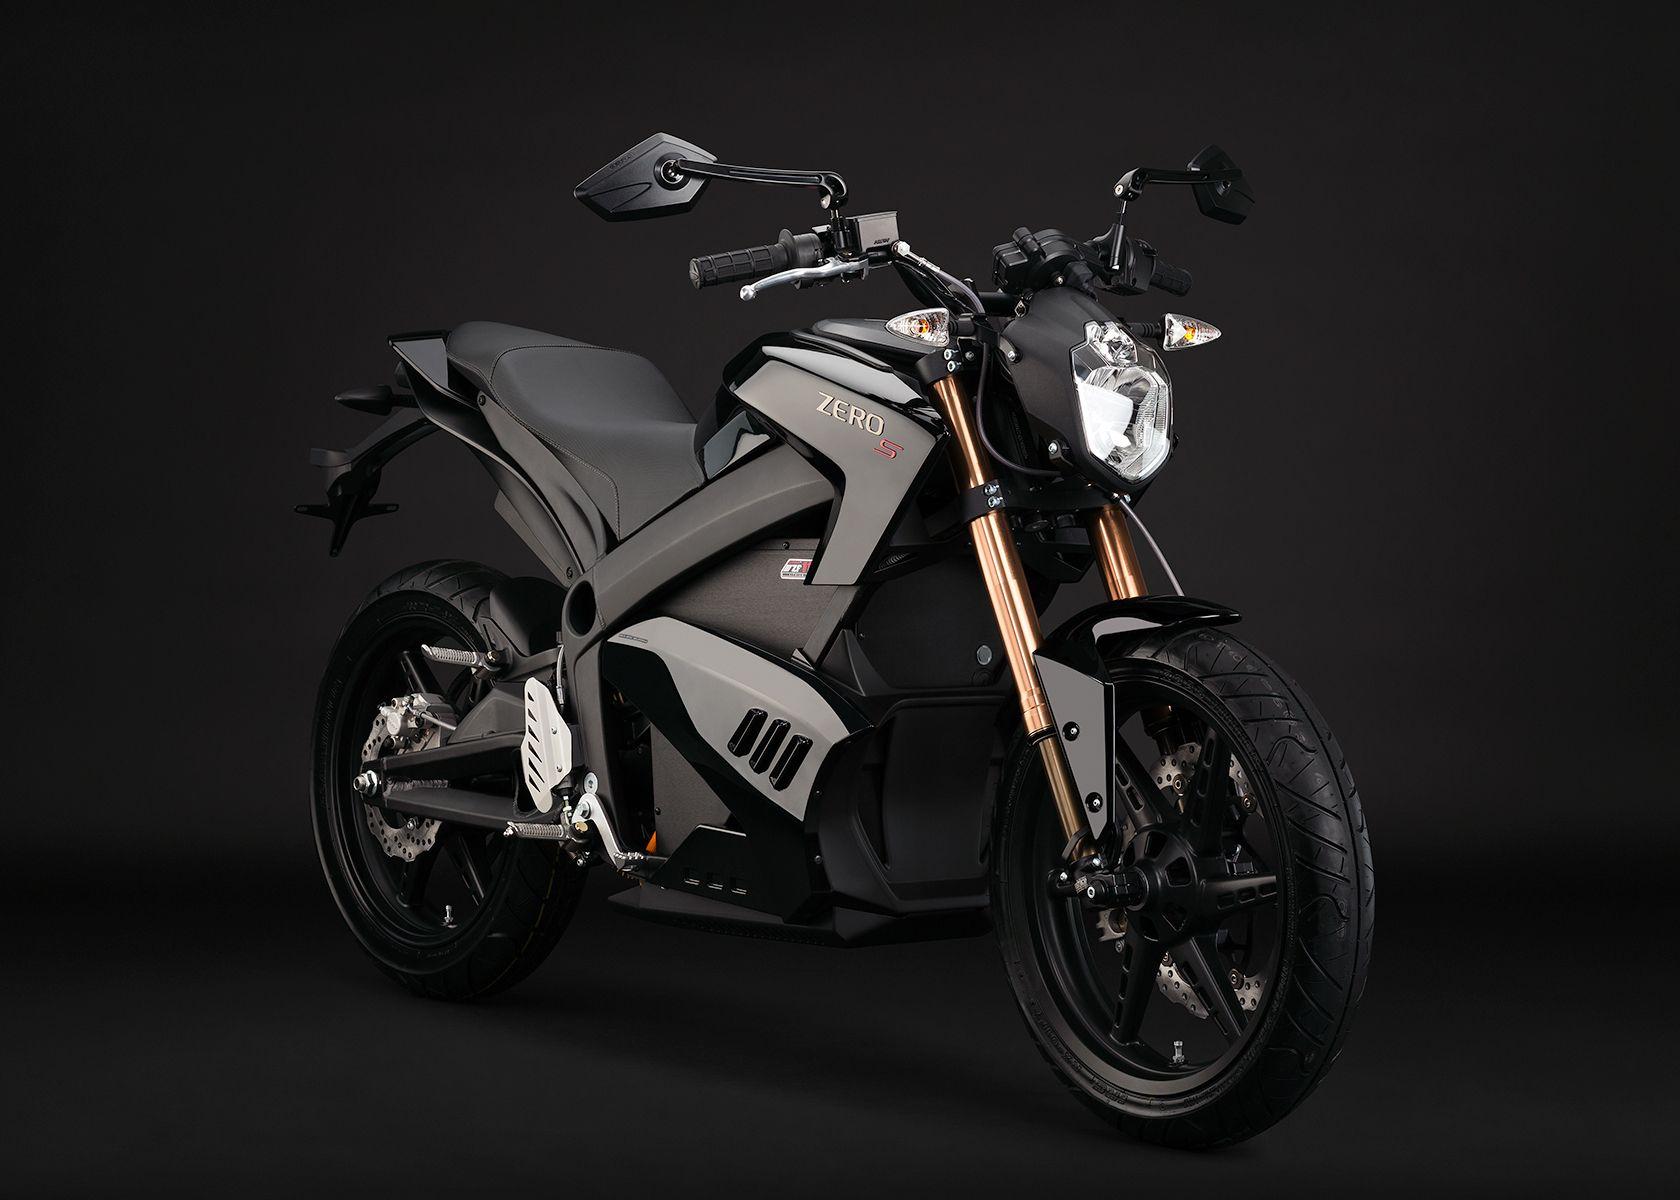 2013 Zero S Electric On Off Road Motorcycle So Slick Zero